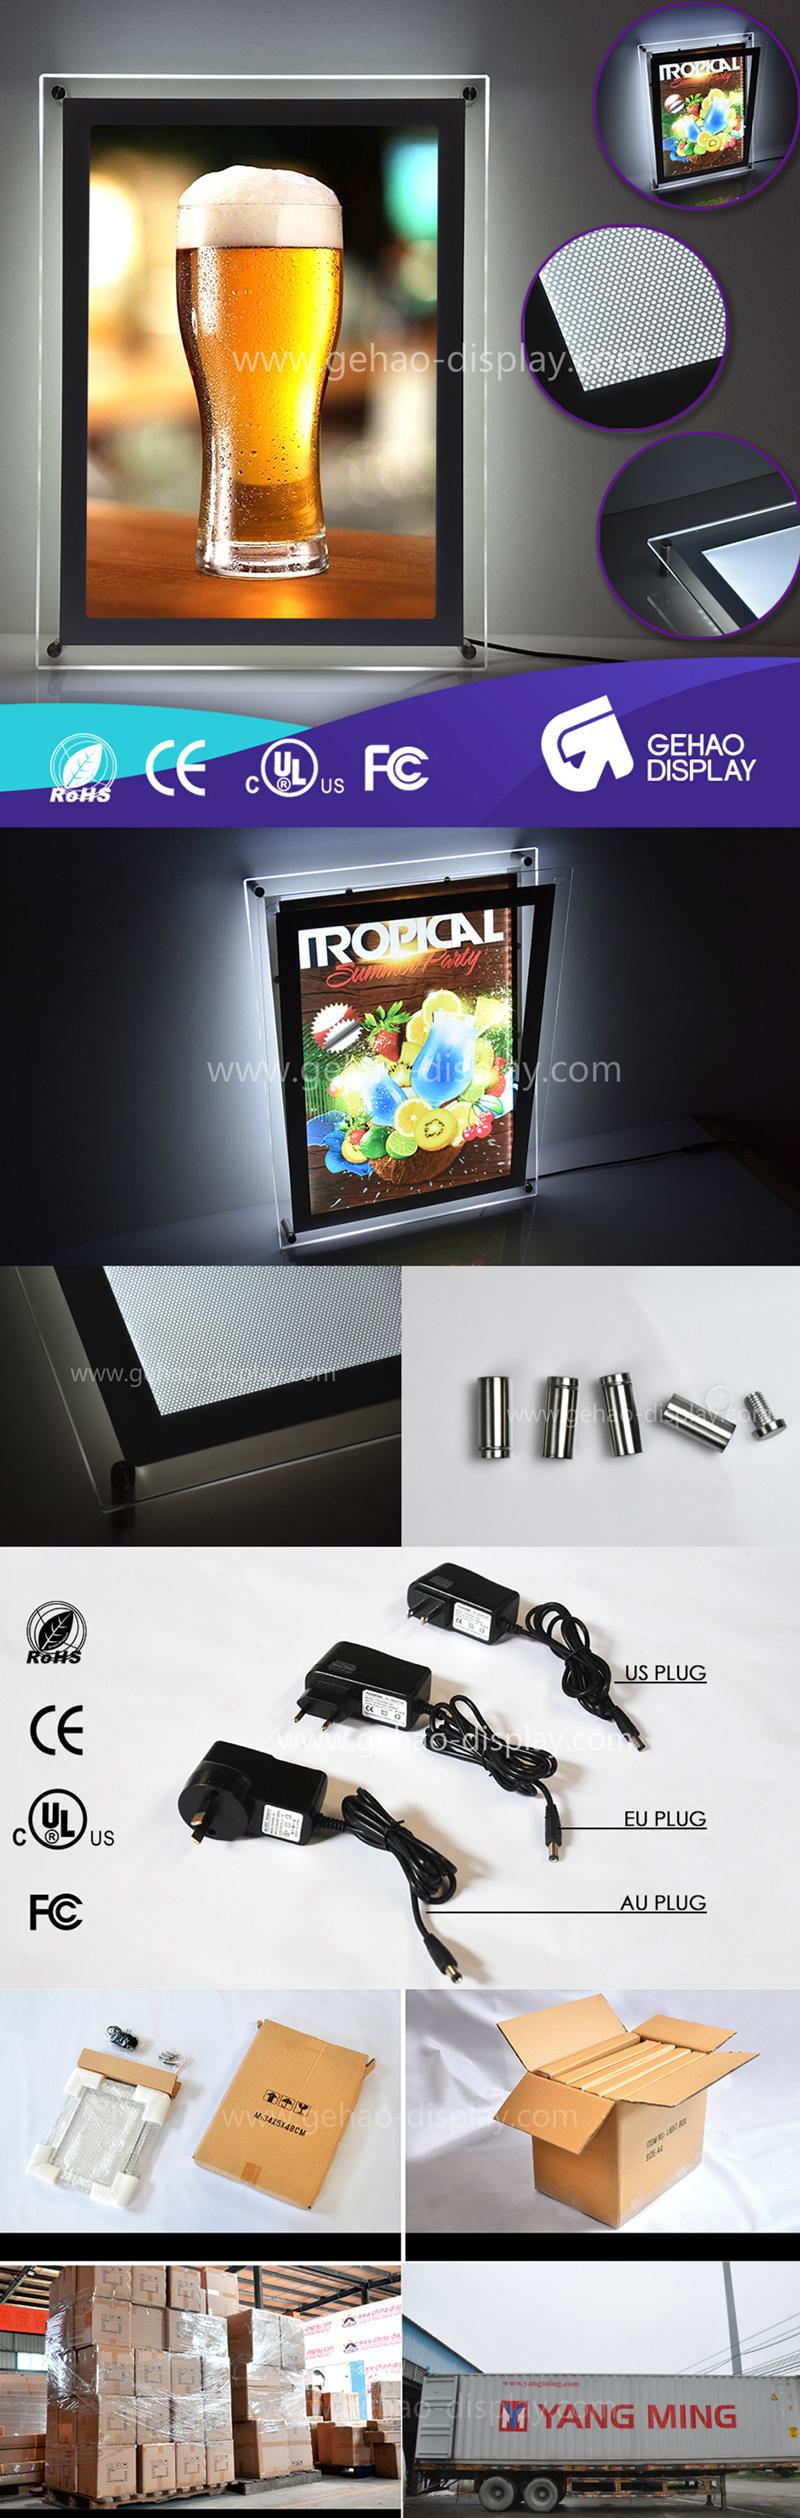 Customized Size Advertising LED Crystal Photo Frame